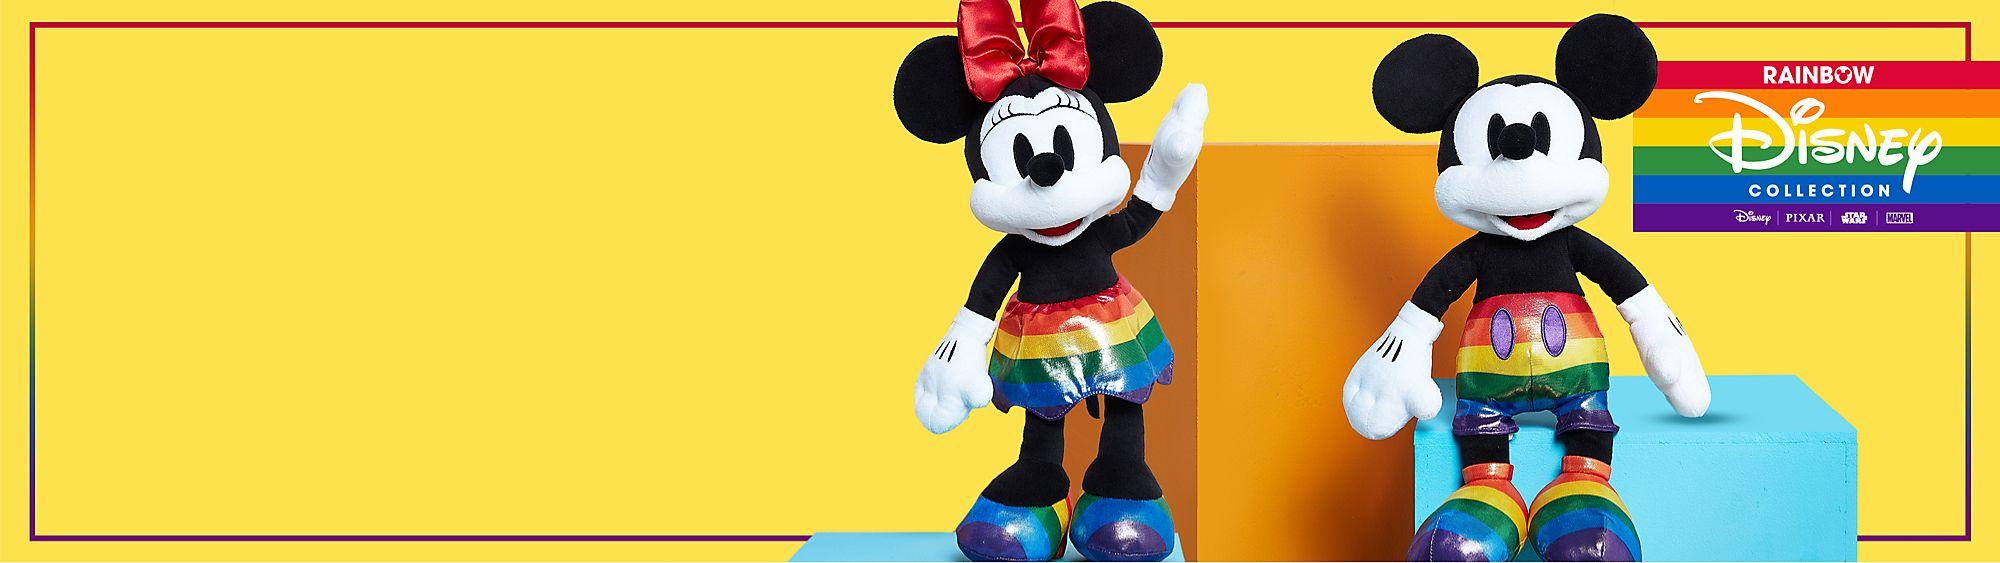 Rainbow Disney Collection Per celebrare il Pride Month 2021, Disney sta devolvendo fondi per supportare le comunità LGBTQ+